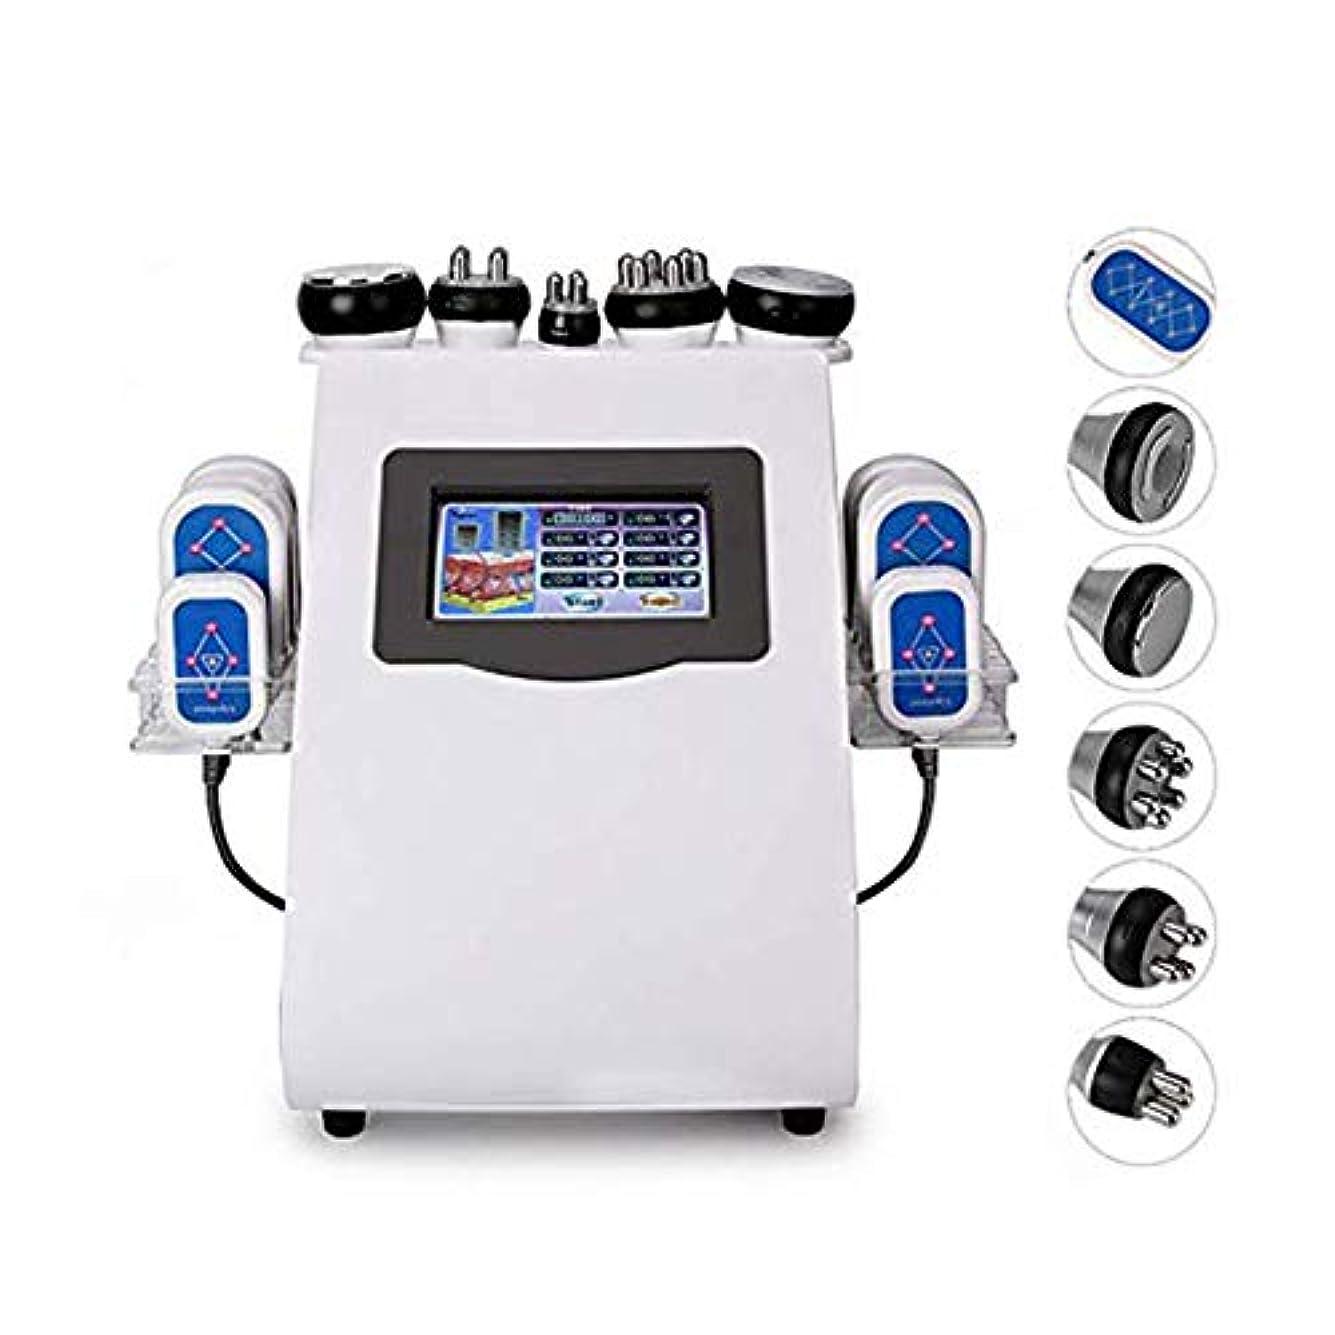 受け入れにもかかわらず世辞超音波キャビテーション抗セルライトネガティブボディ痩身マシン、脂肪燃焼と無線周波数アンチエイジングスキンリフティング引き締めしわ美容機器の除去